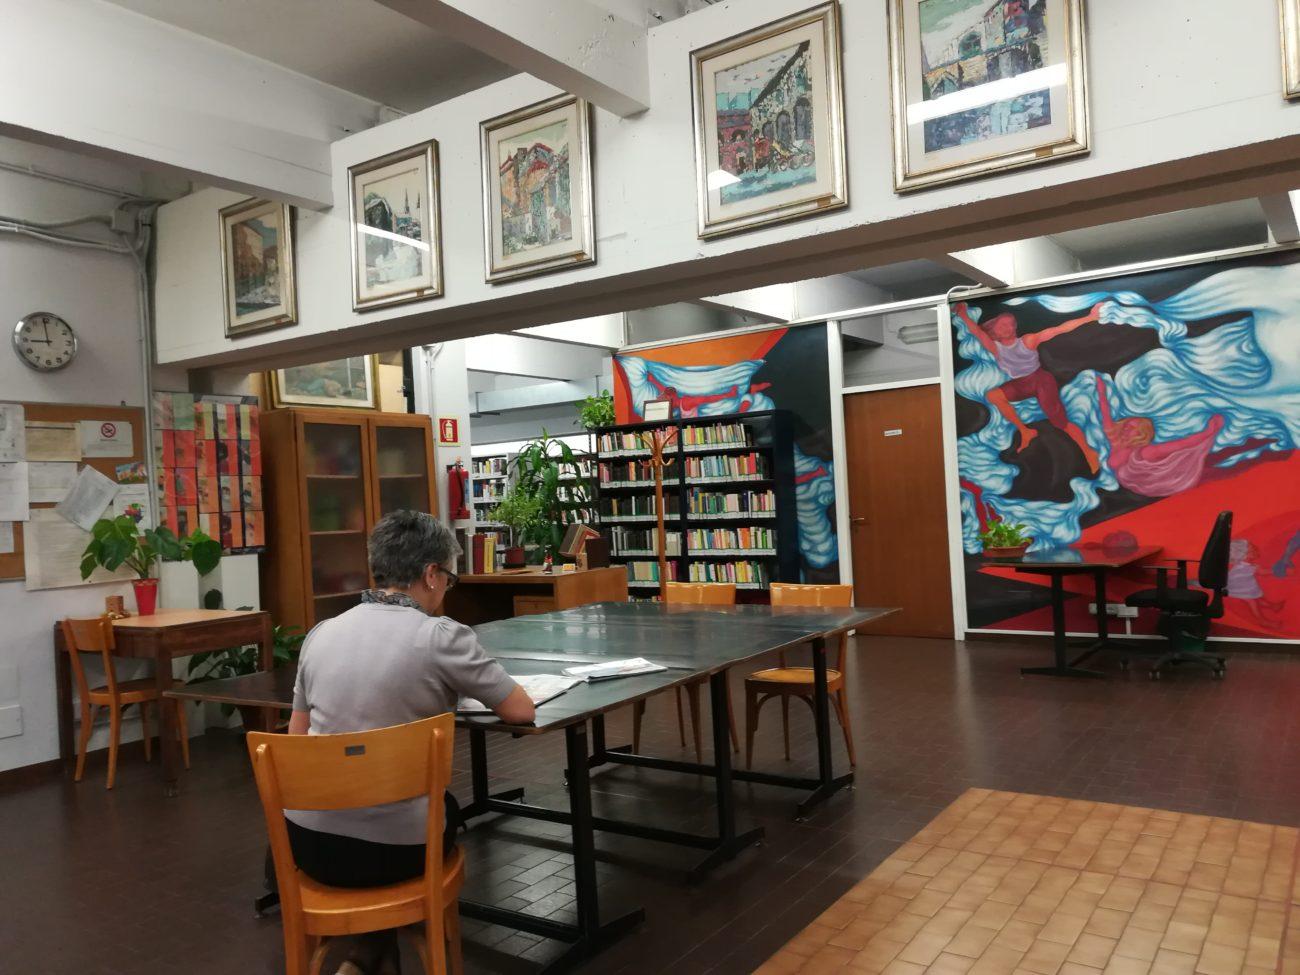 biblioteca, Biblioteca Chiesa Rossa: dall'8 gennaio apre un punto temporaneo di lettura e di prestito in via Boifava